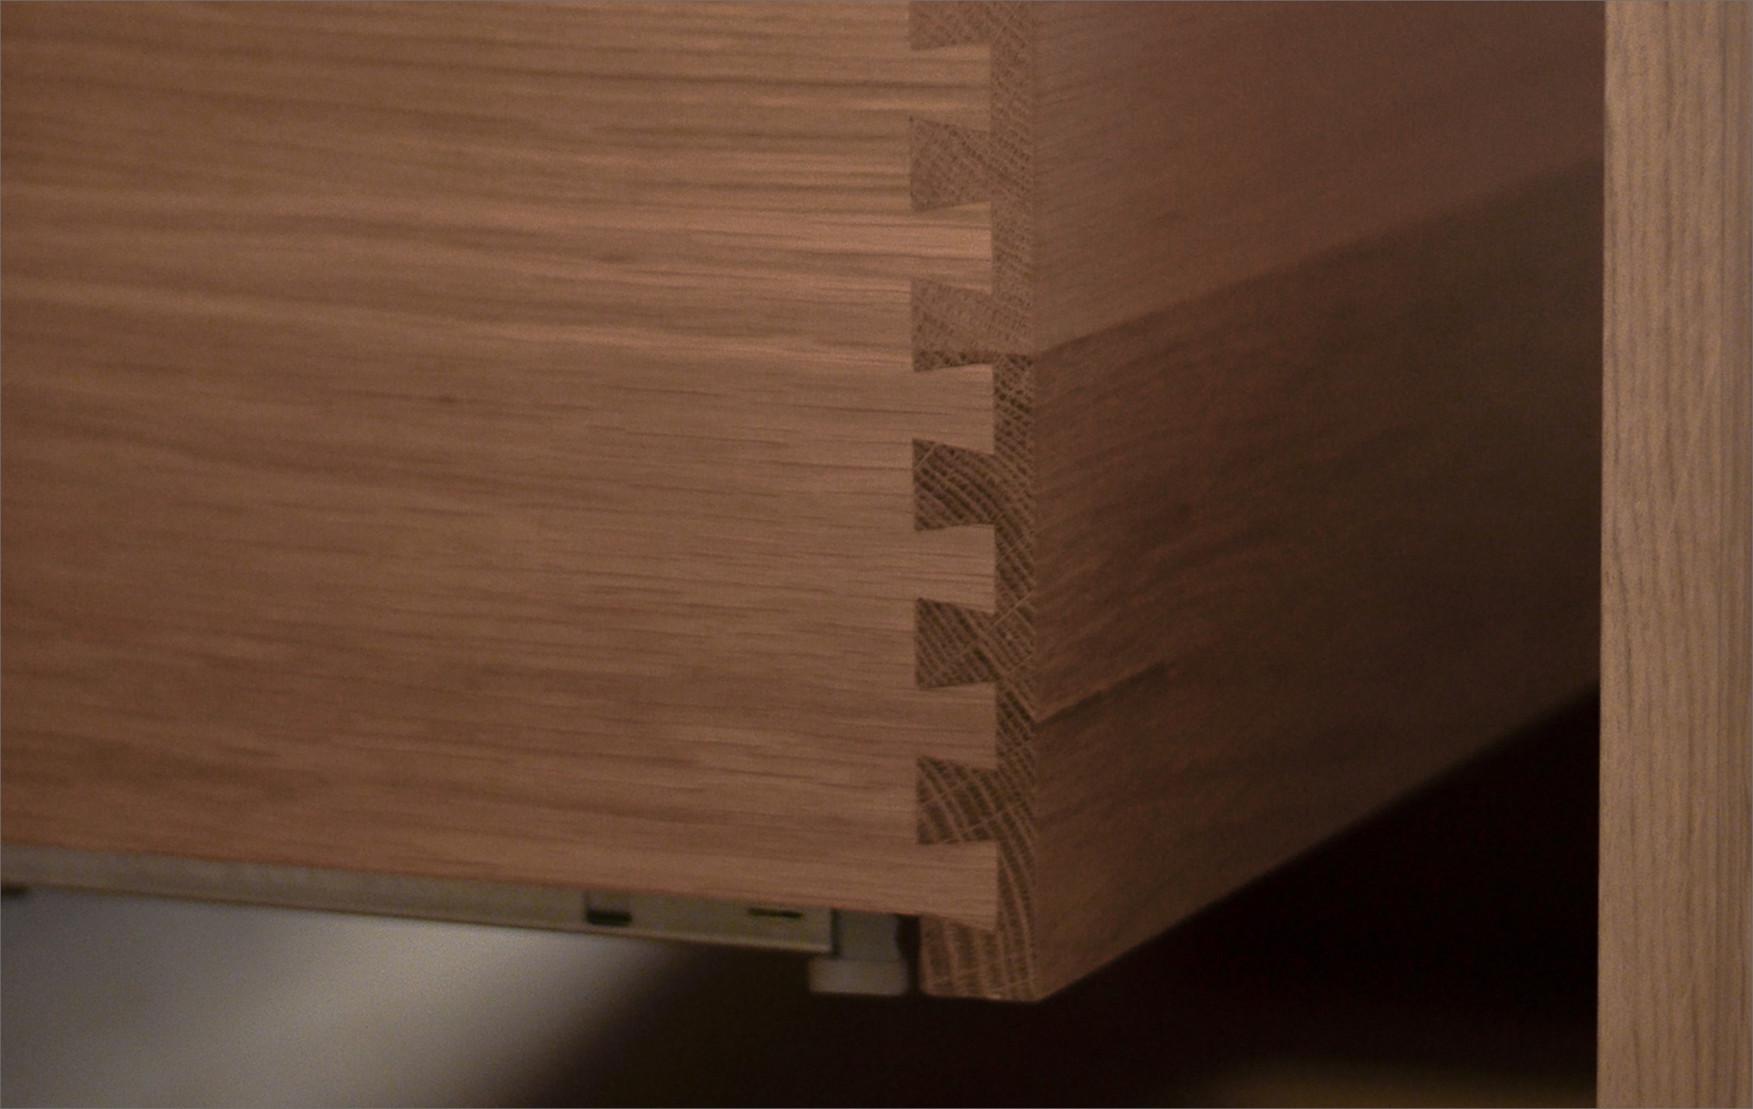 FrankTack_20200616_Afwerkingen2 De details maken de meubels